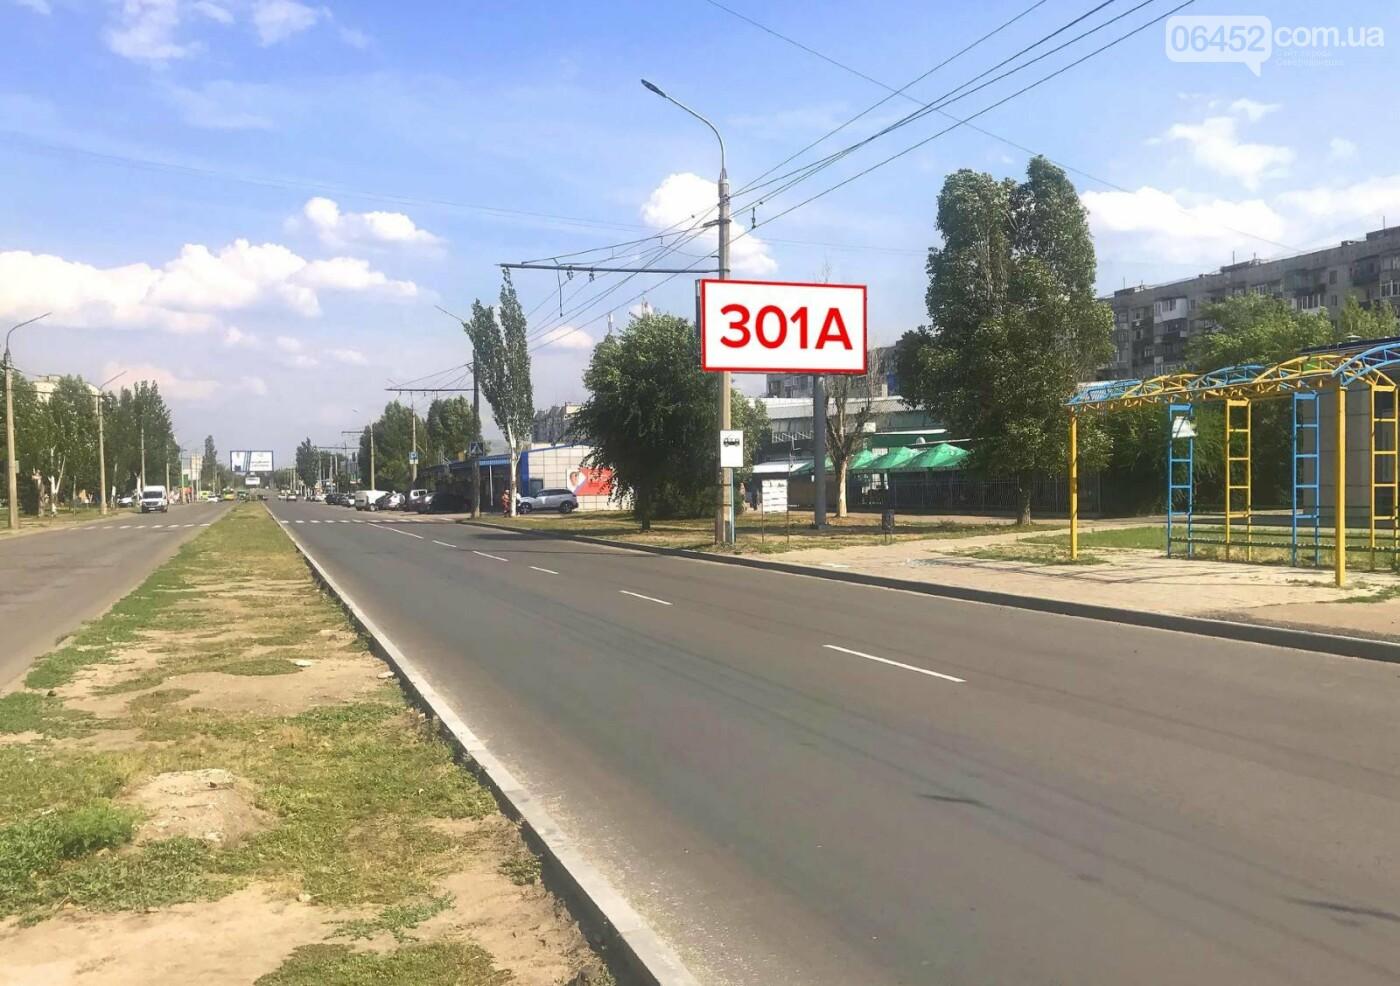 Наружная реклама в Северодонецке, как разобраться и где заказать?, фото-4